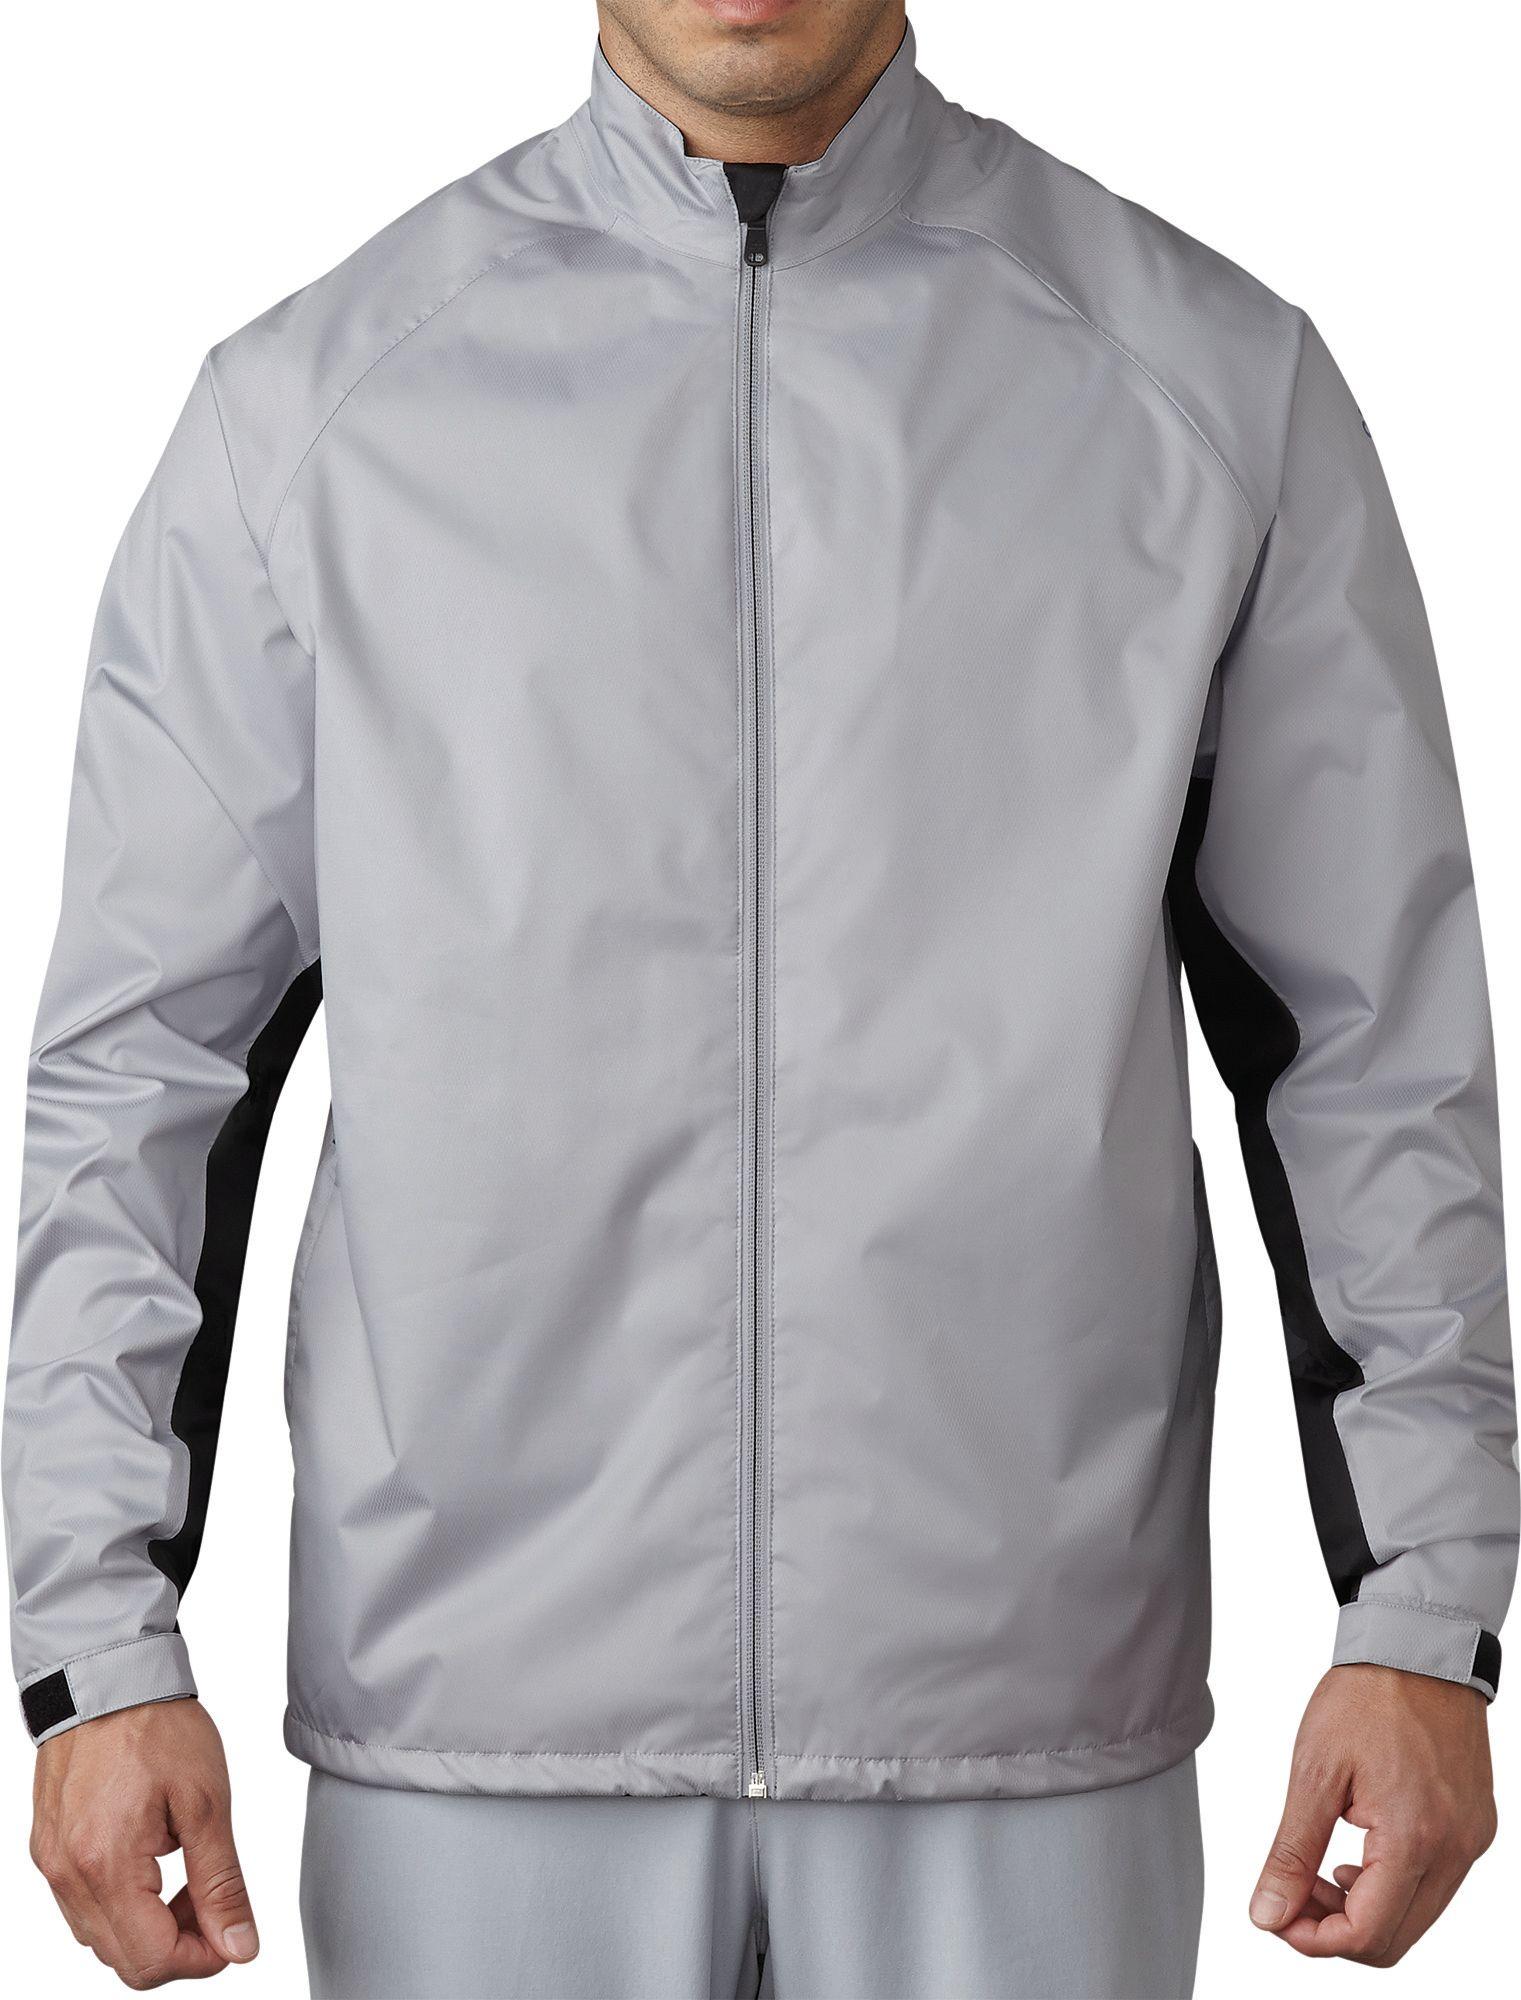 Adidas jacket - Product Image Adidas Men S Climastorm Provisional Ii Golf Rain Jacket